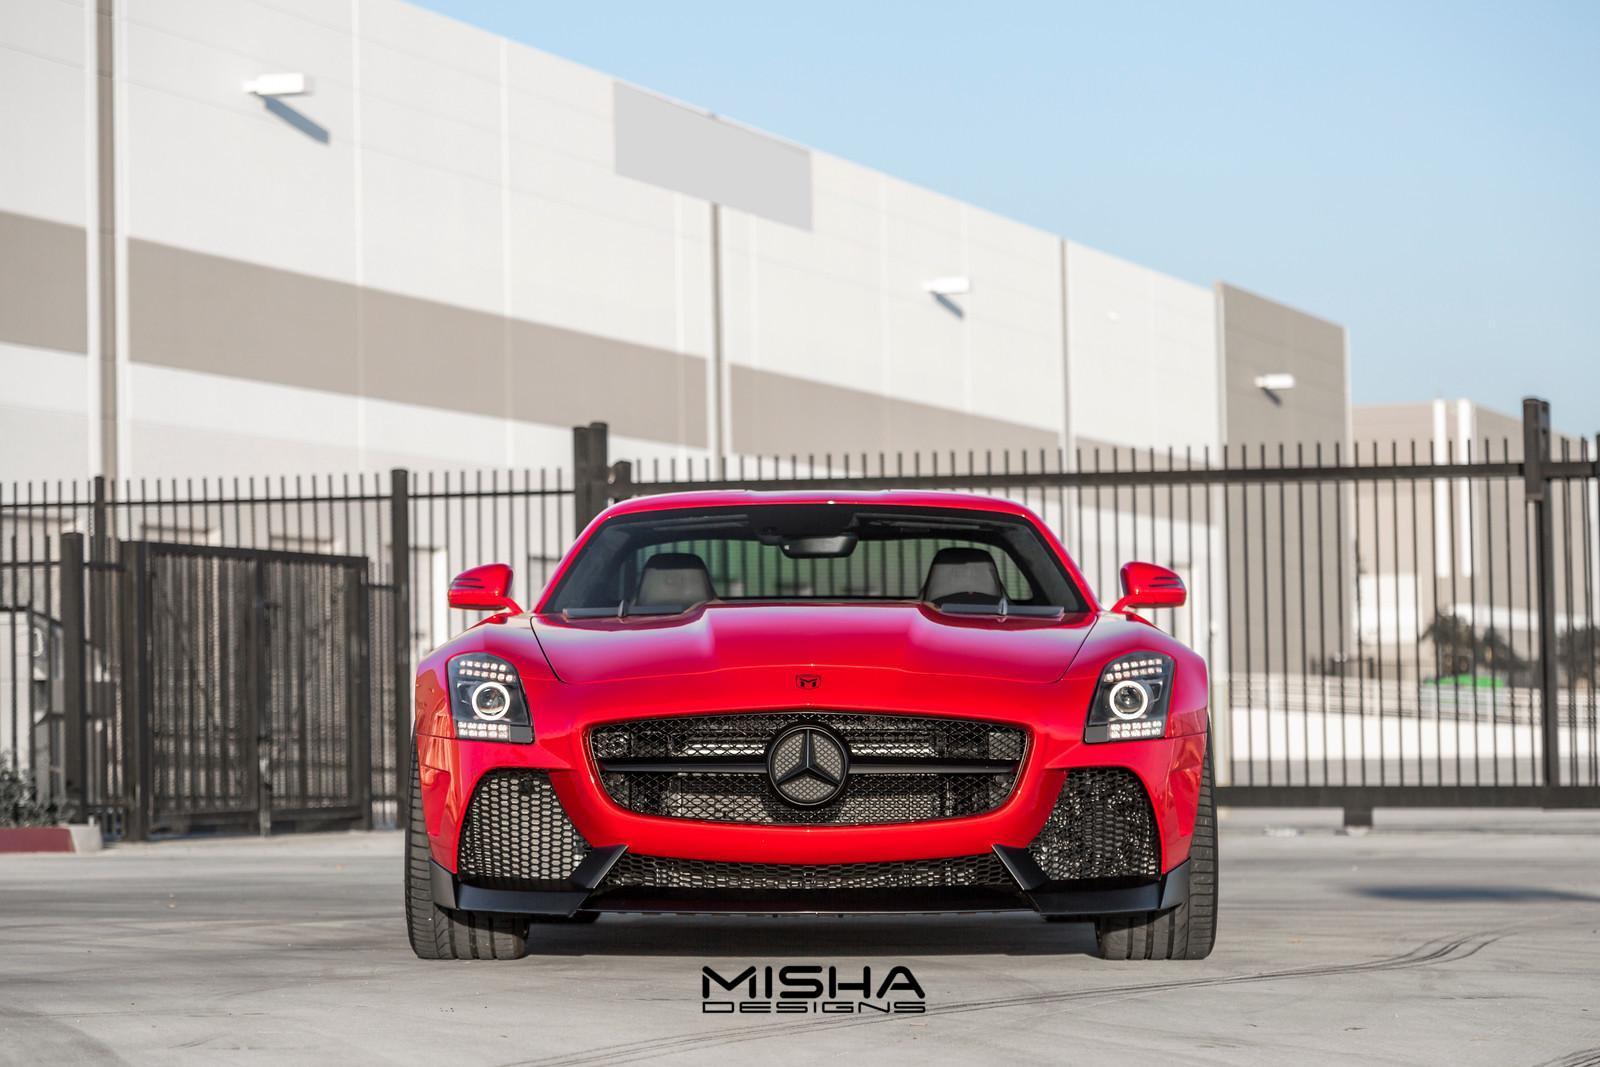 Mercedes SLS AMG Misha Design